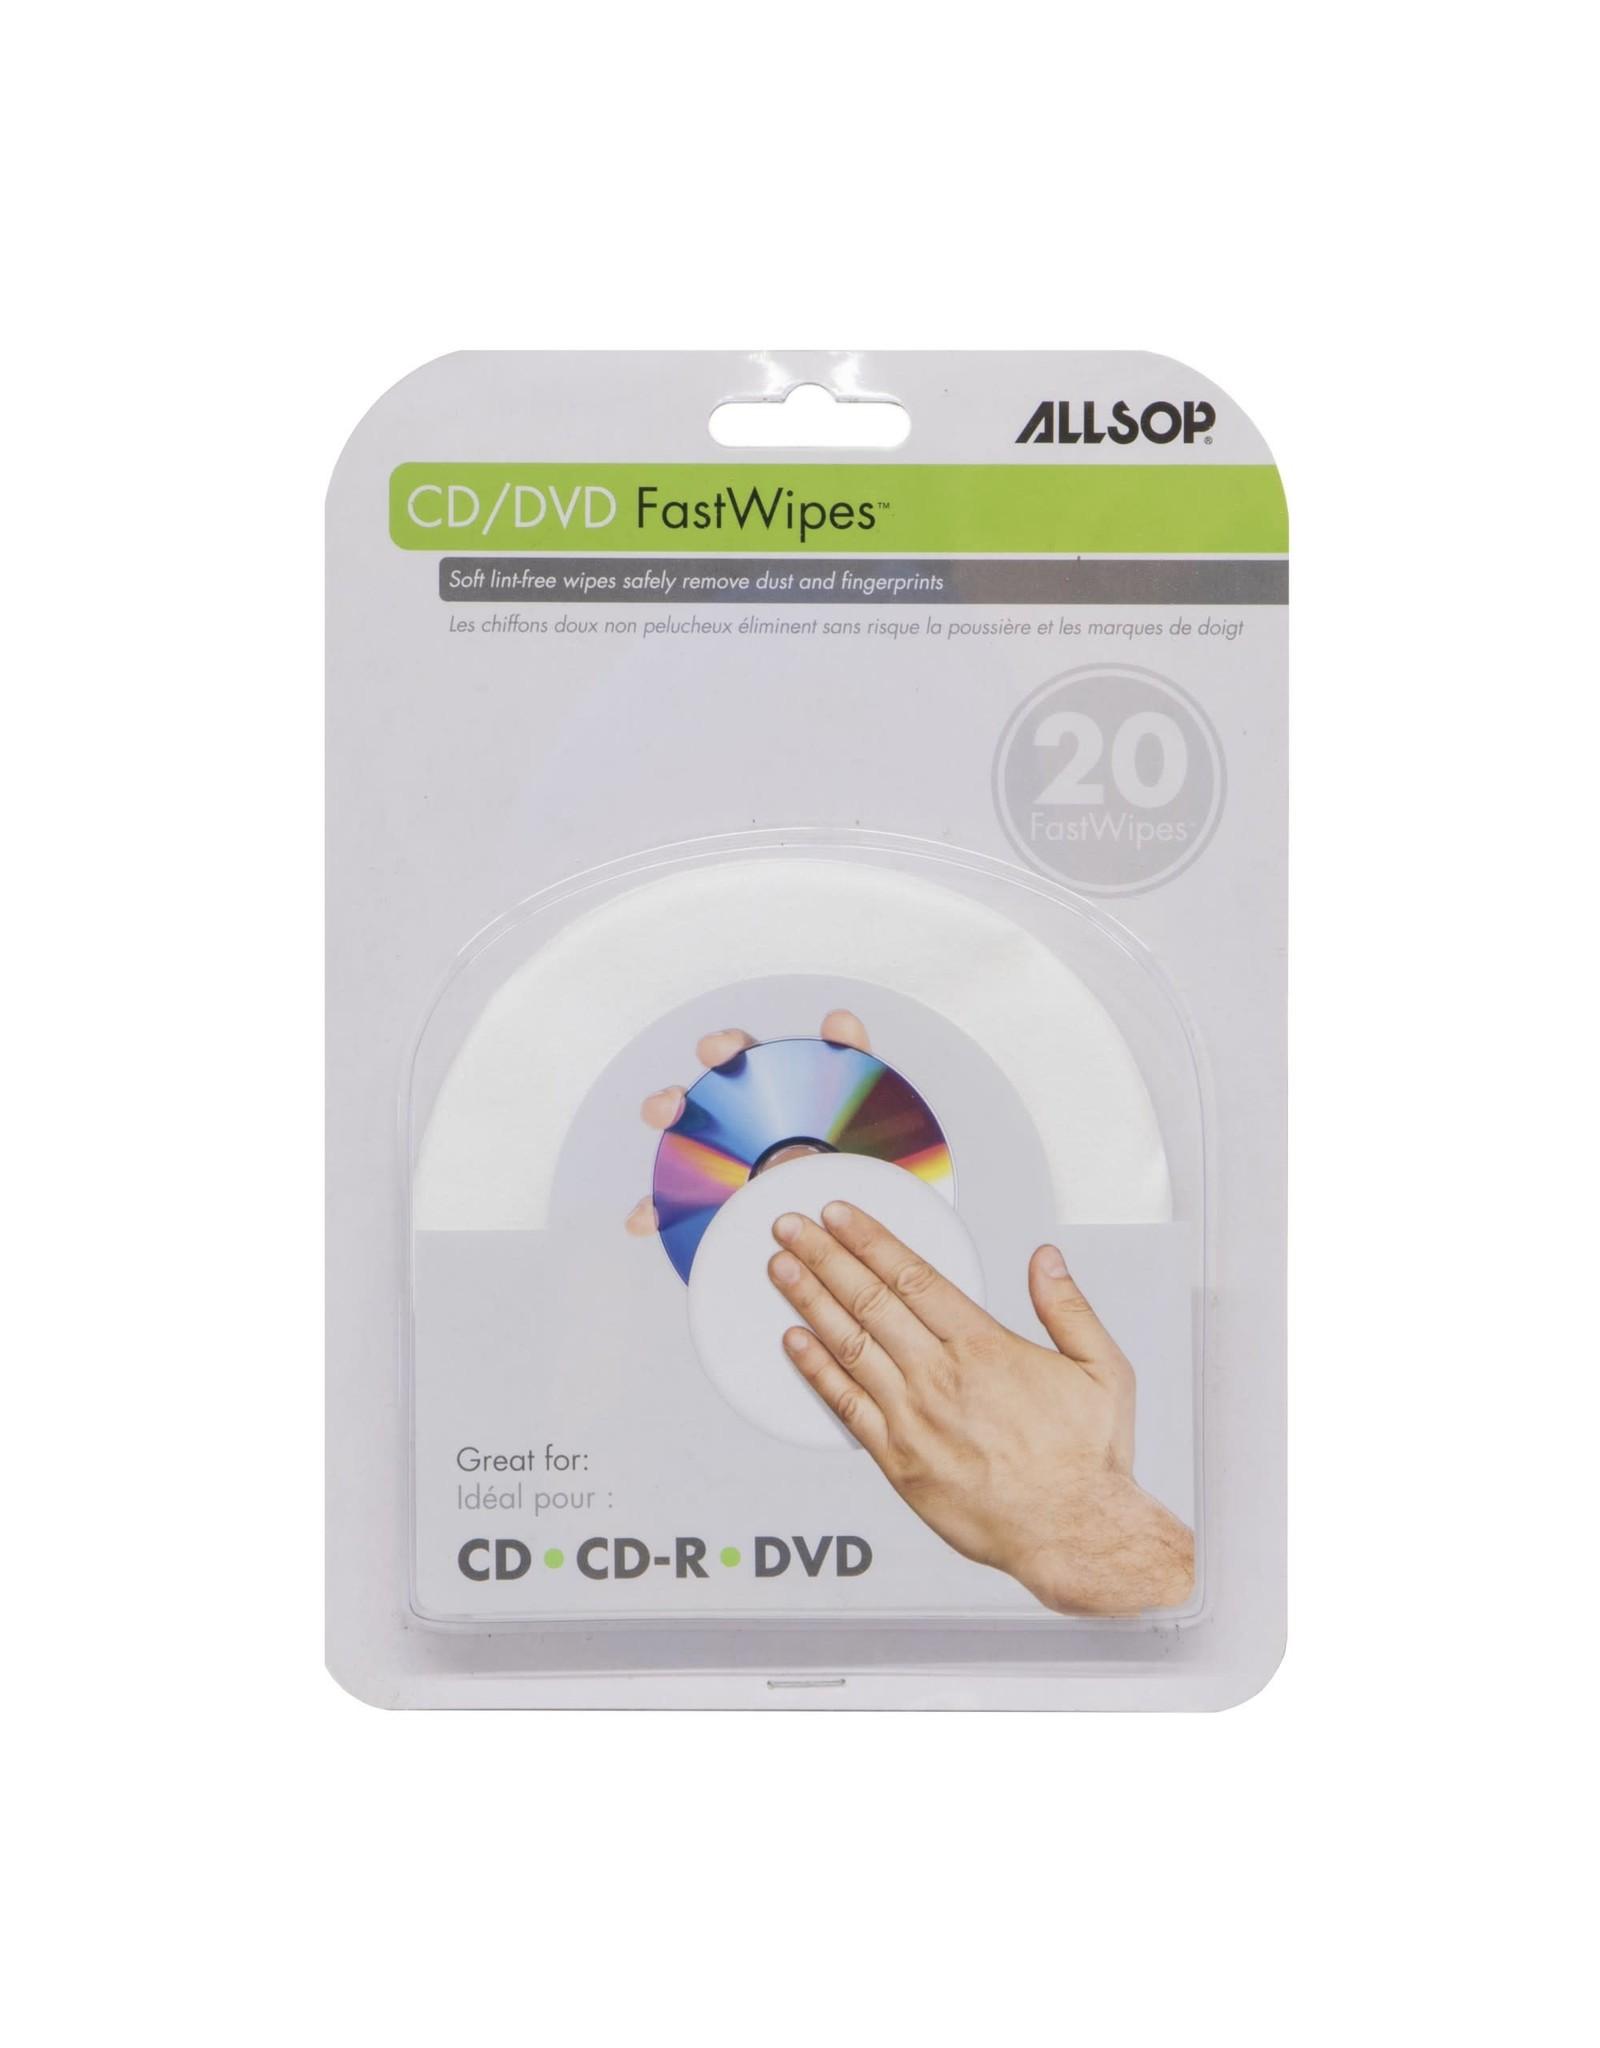 Allsop Allsop CD and DVD Fast Wipes